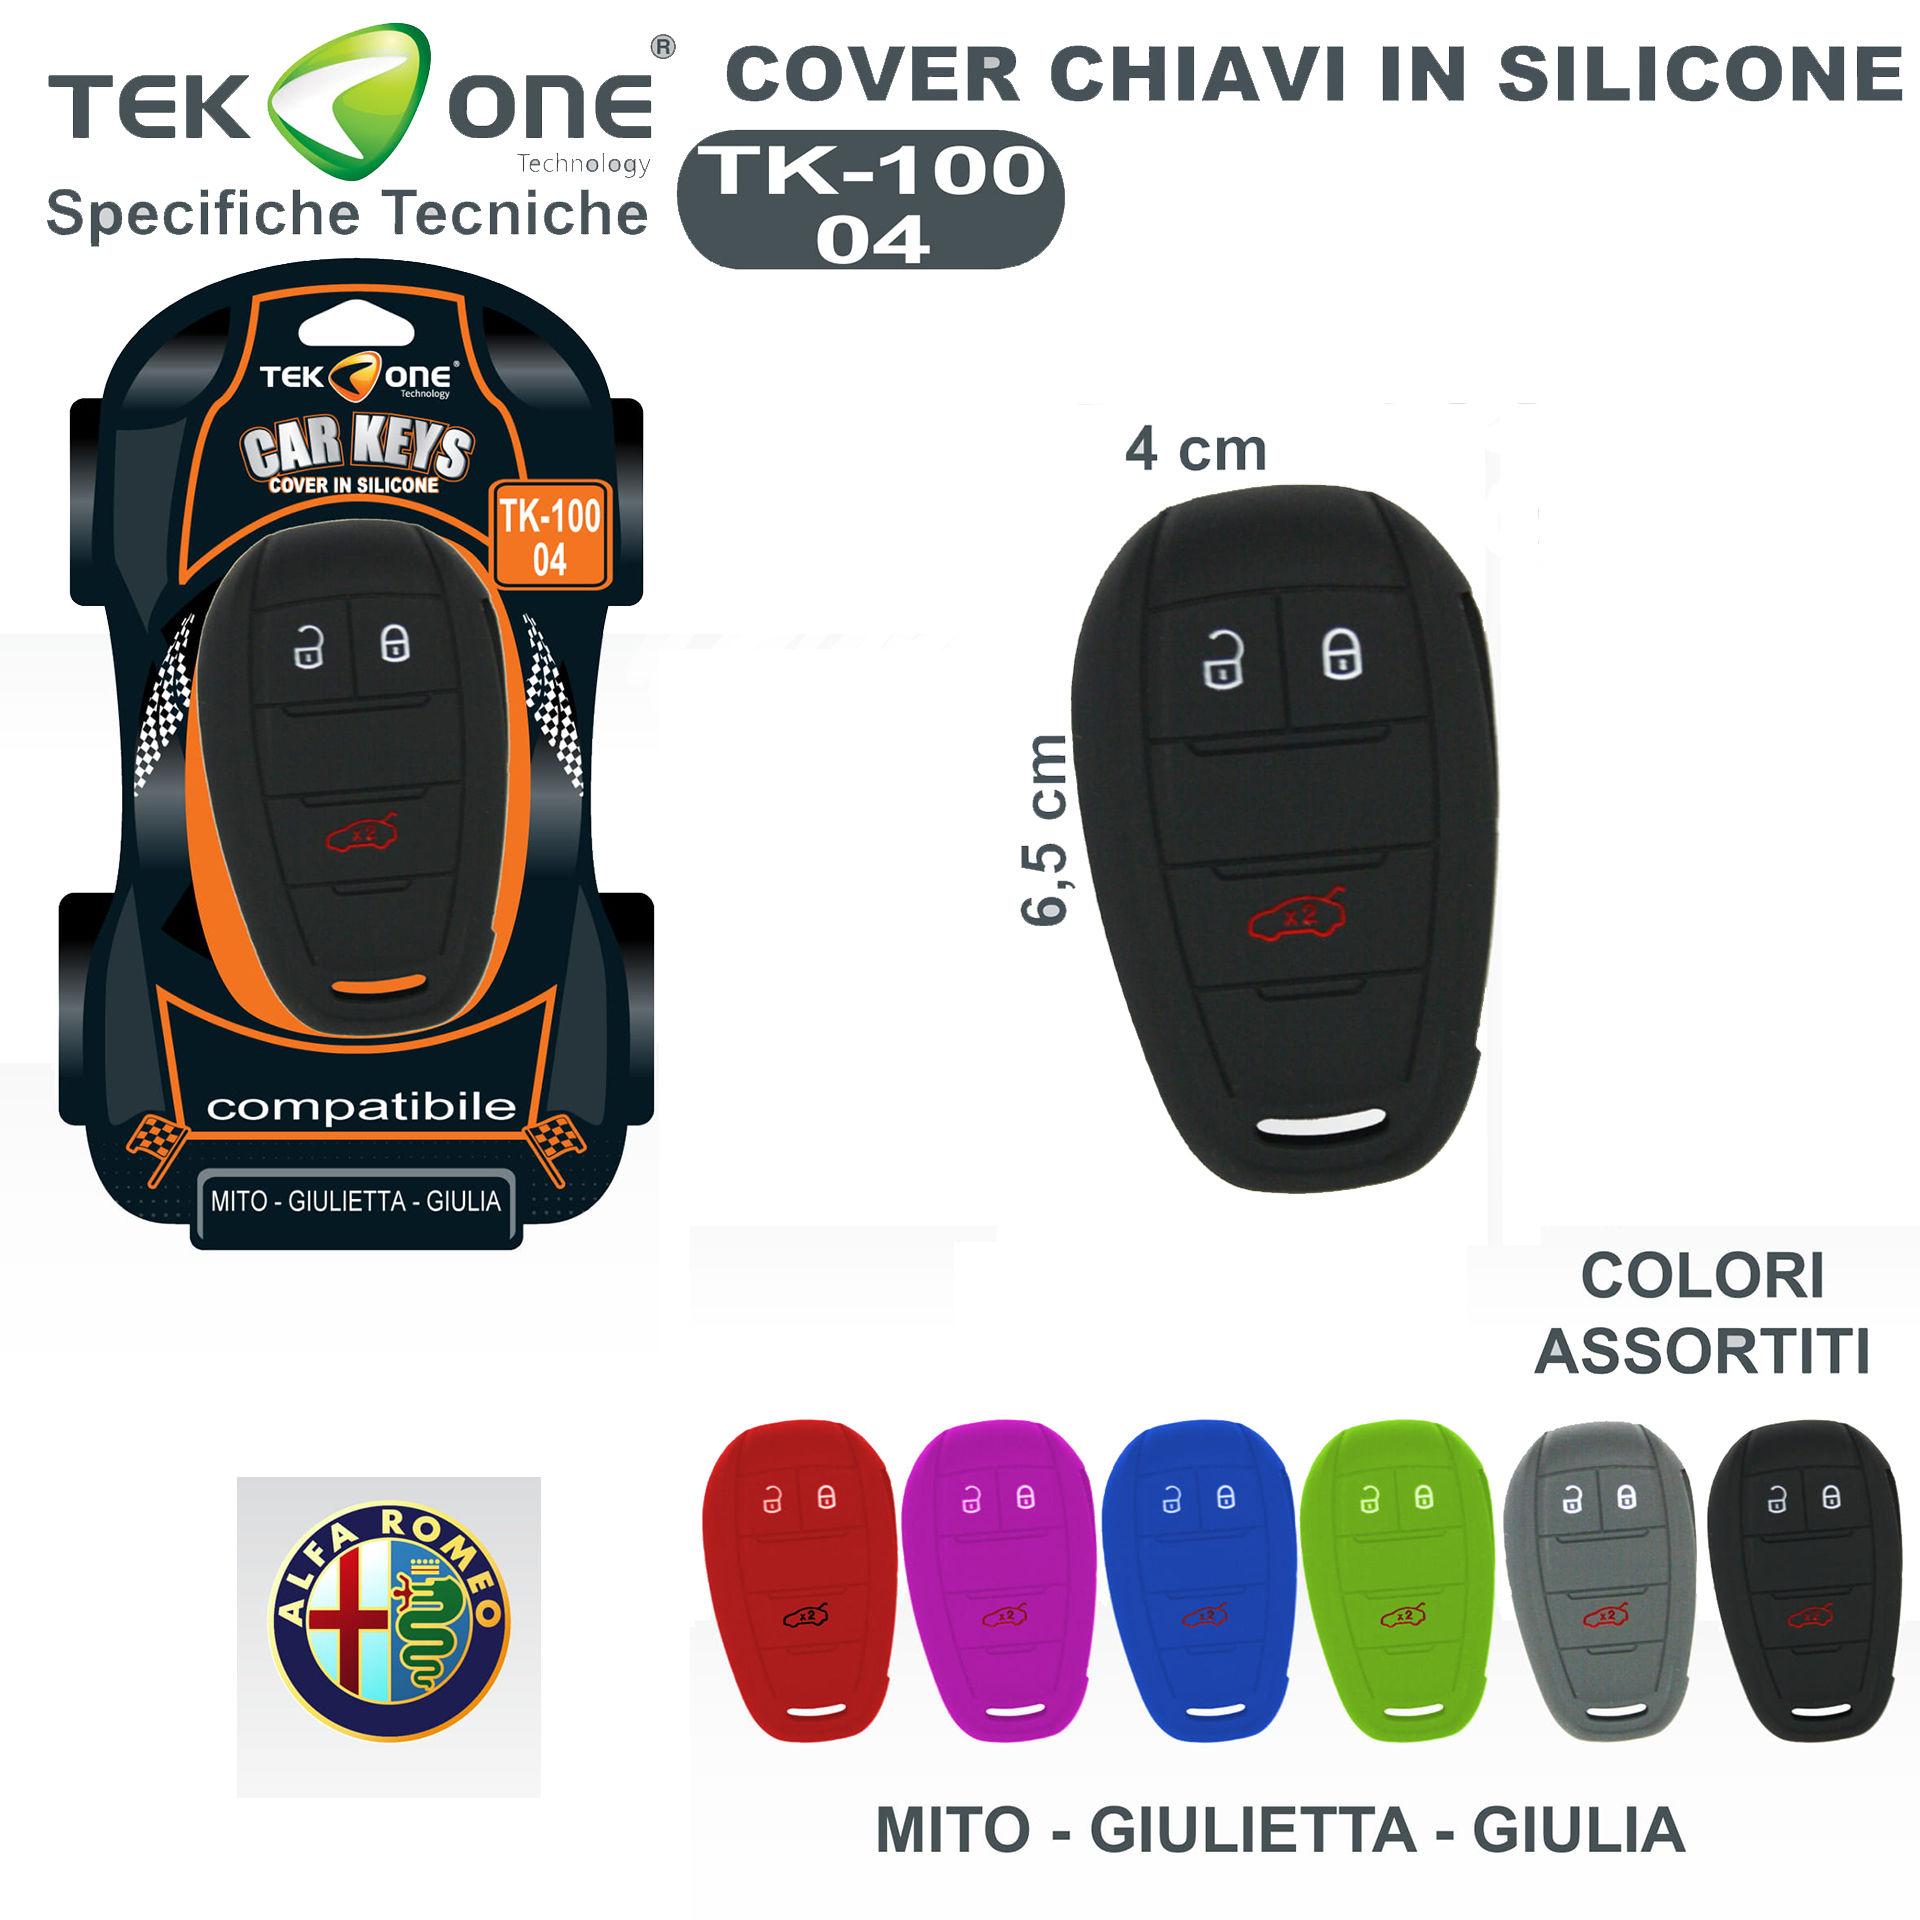 COVER CHIAVI IN SILICONE TK100-04Tekone